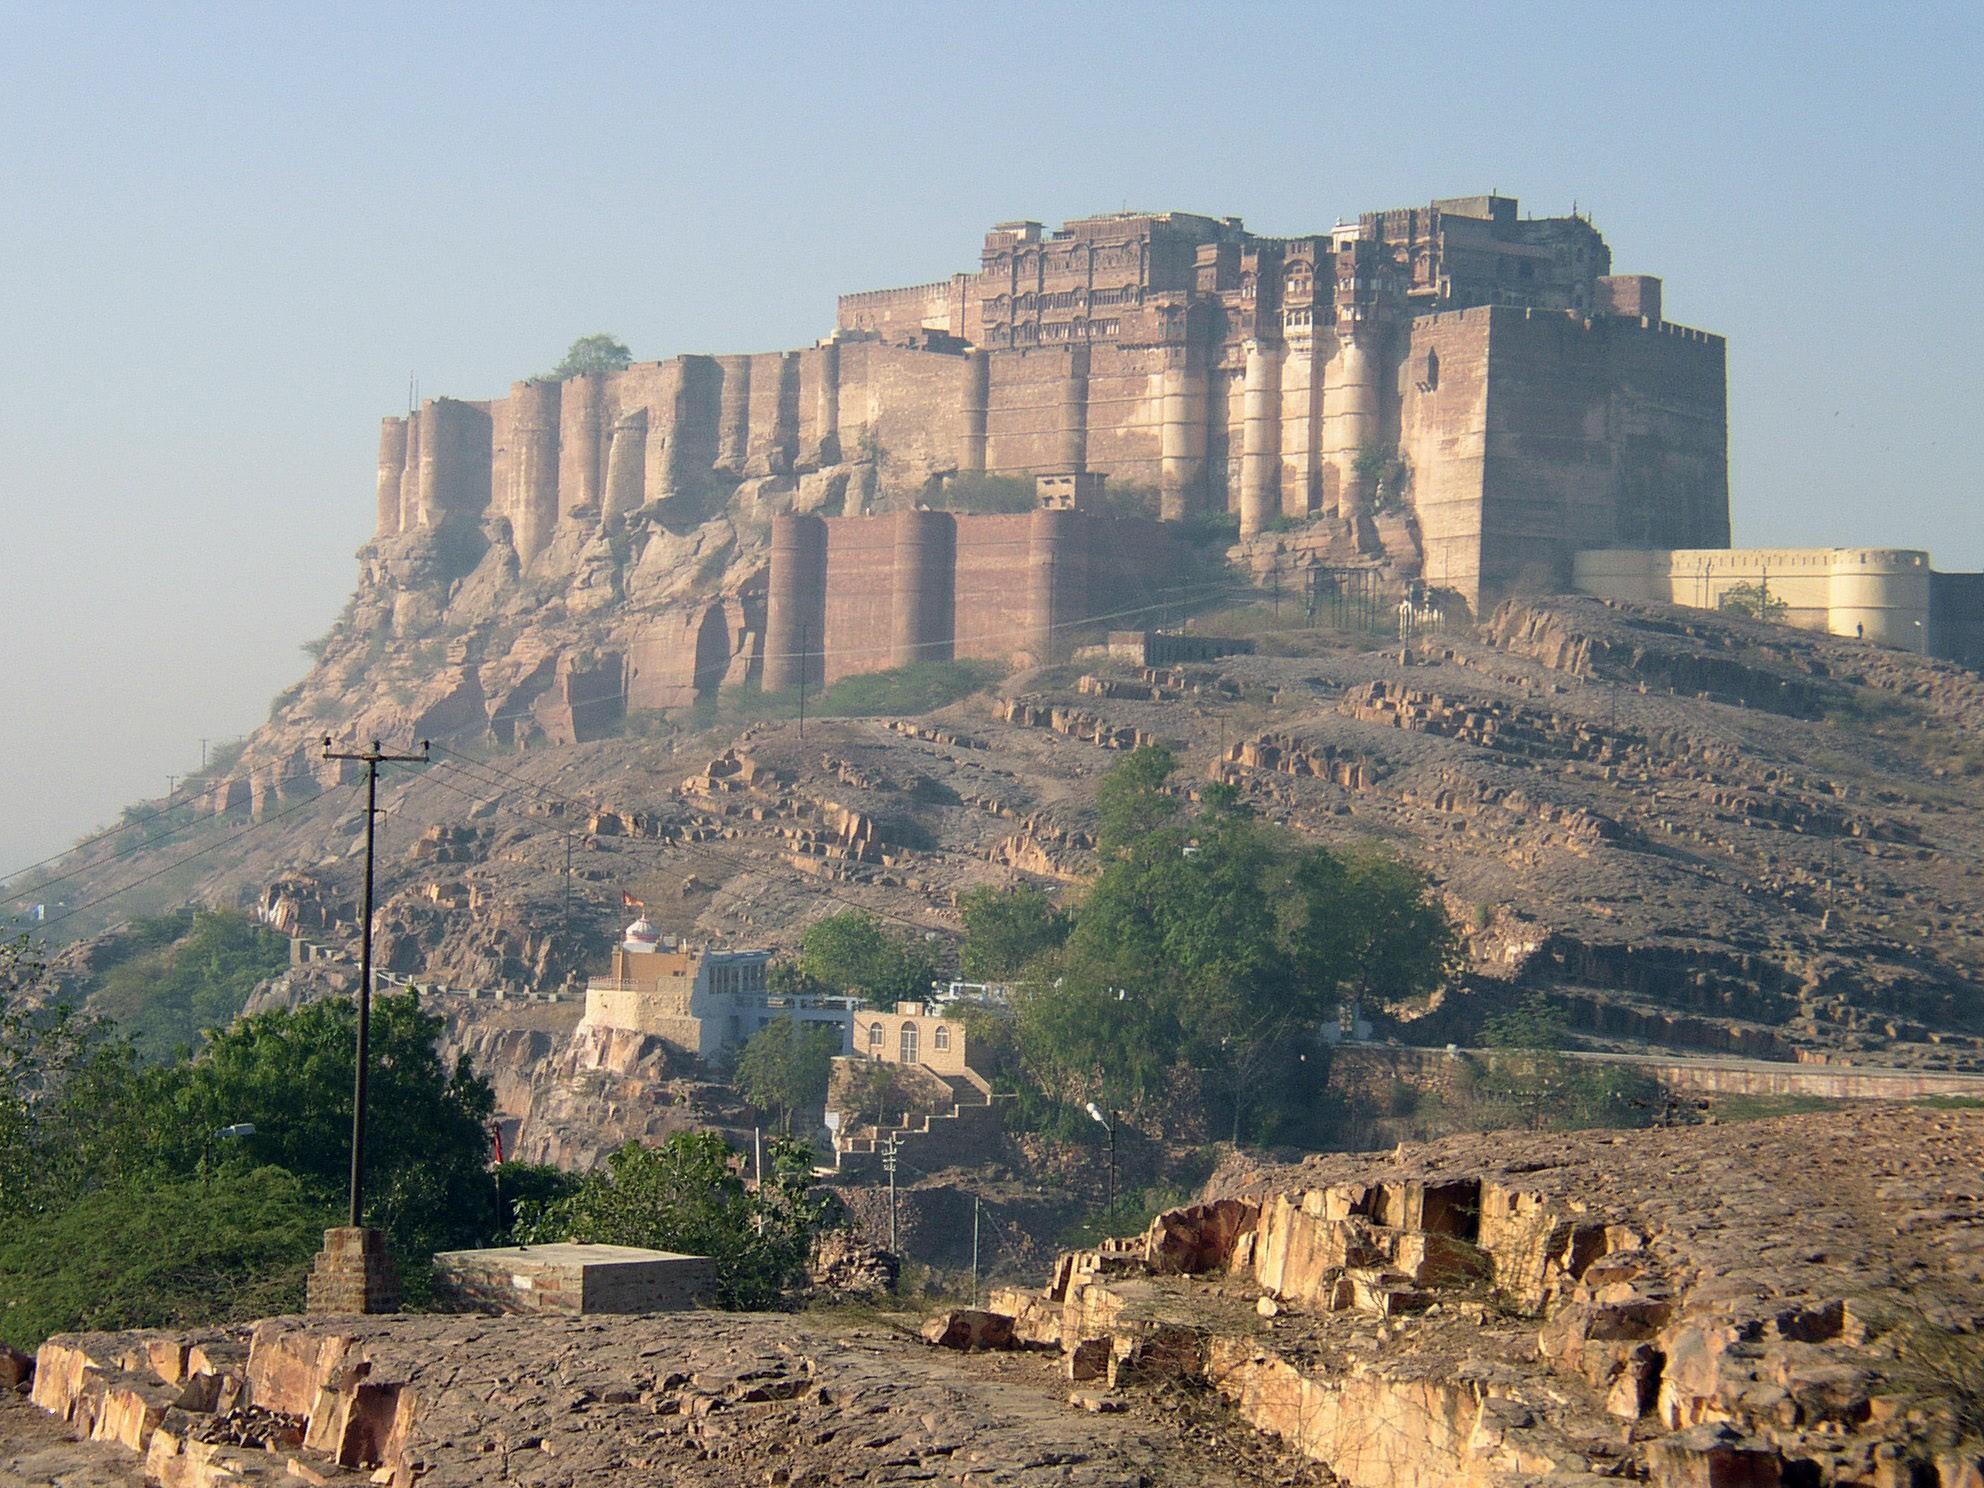 Delhi to desert tour